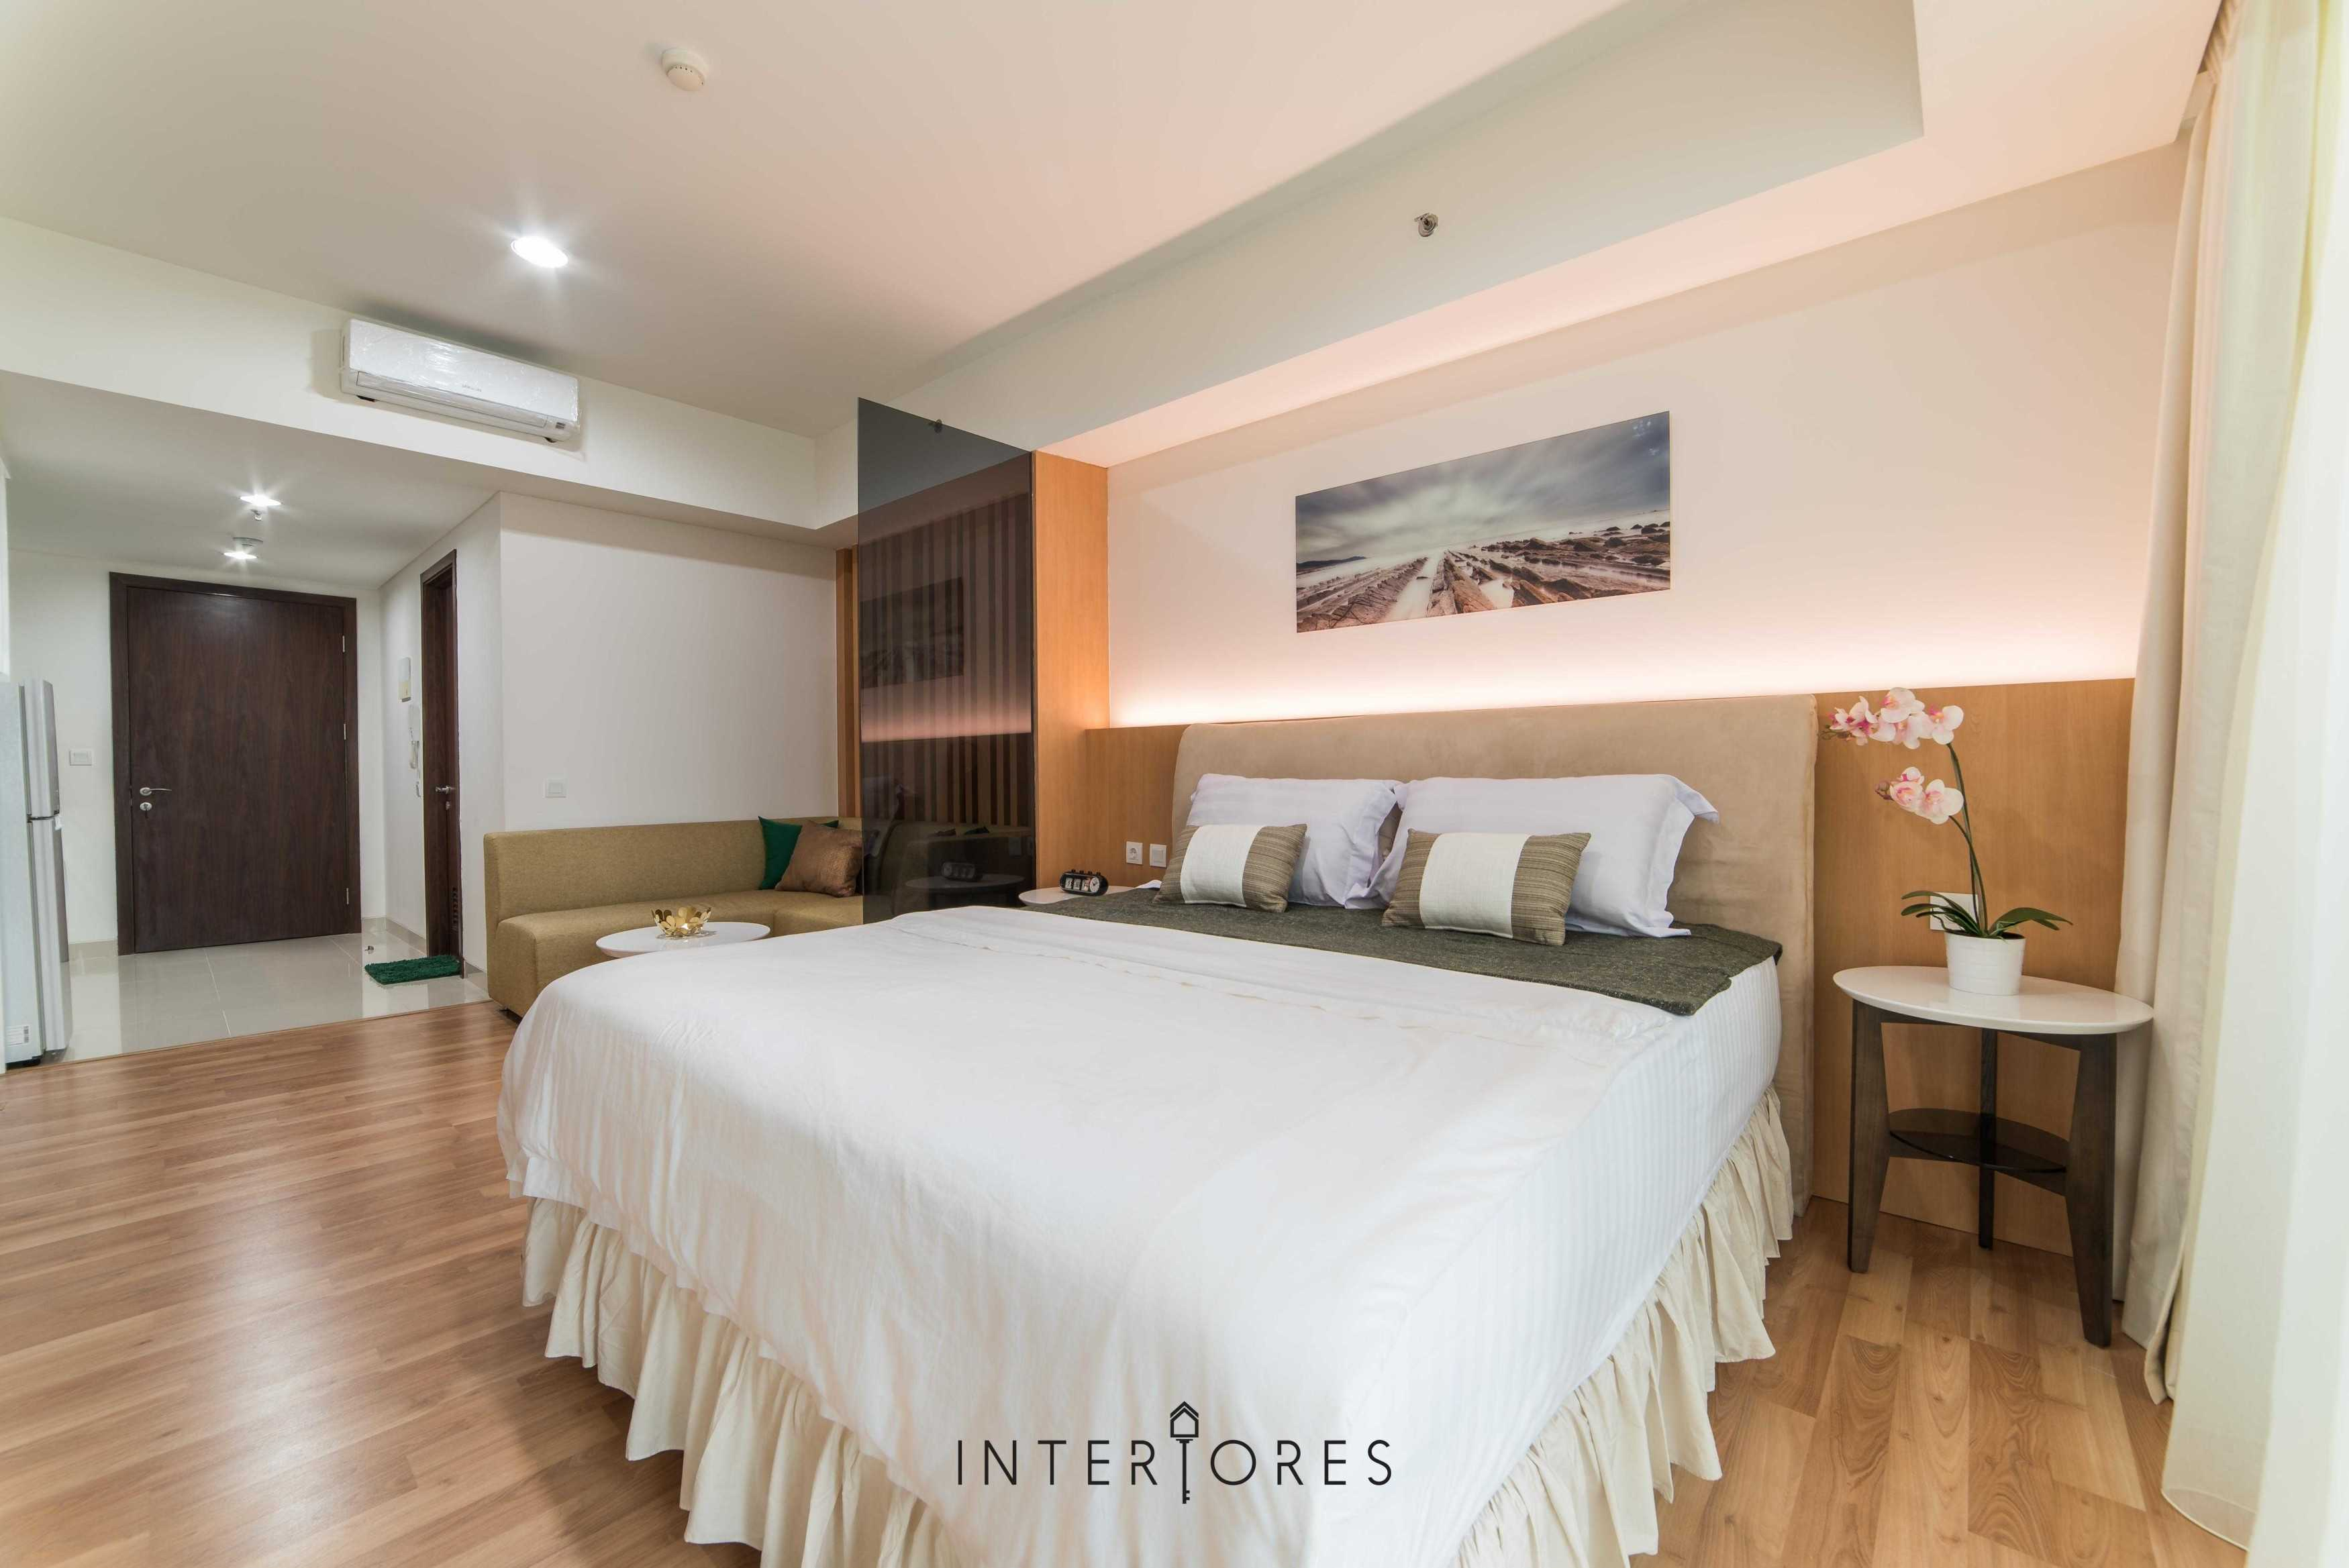 Interiores Interior Consultant & Build Studio 06C3 Kemang Village, Jakarta Selatan Kemang Village, Jakarta Selatan Bedroom Modern  17696